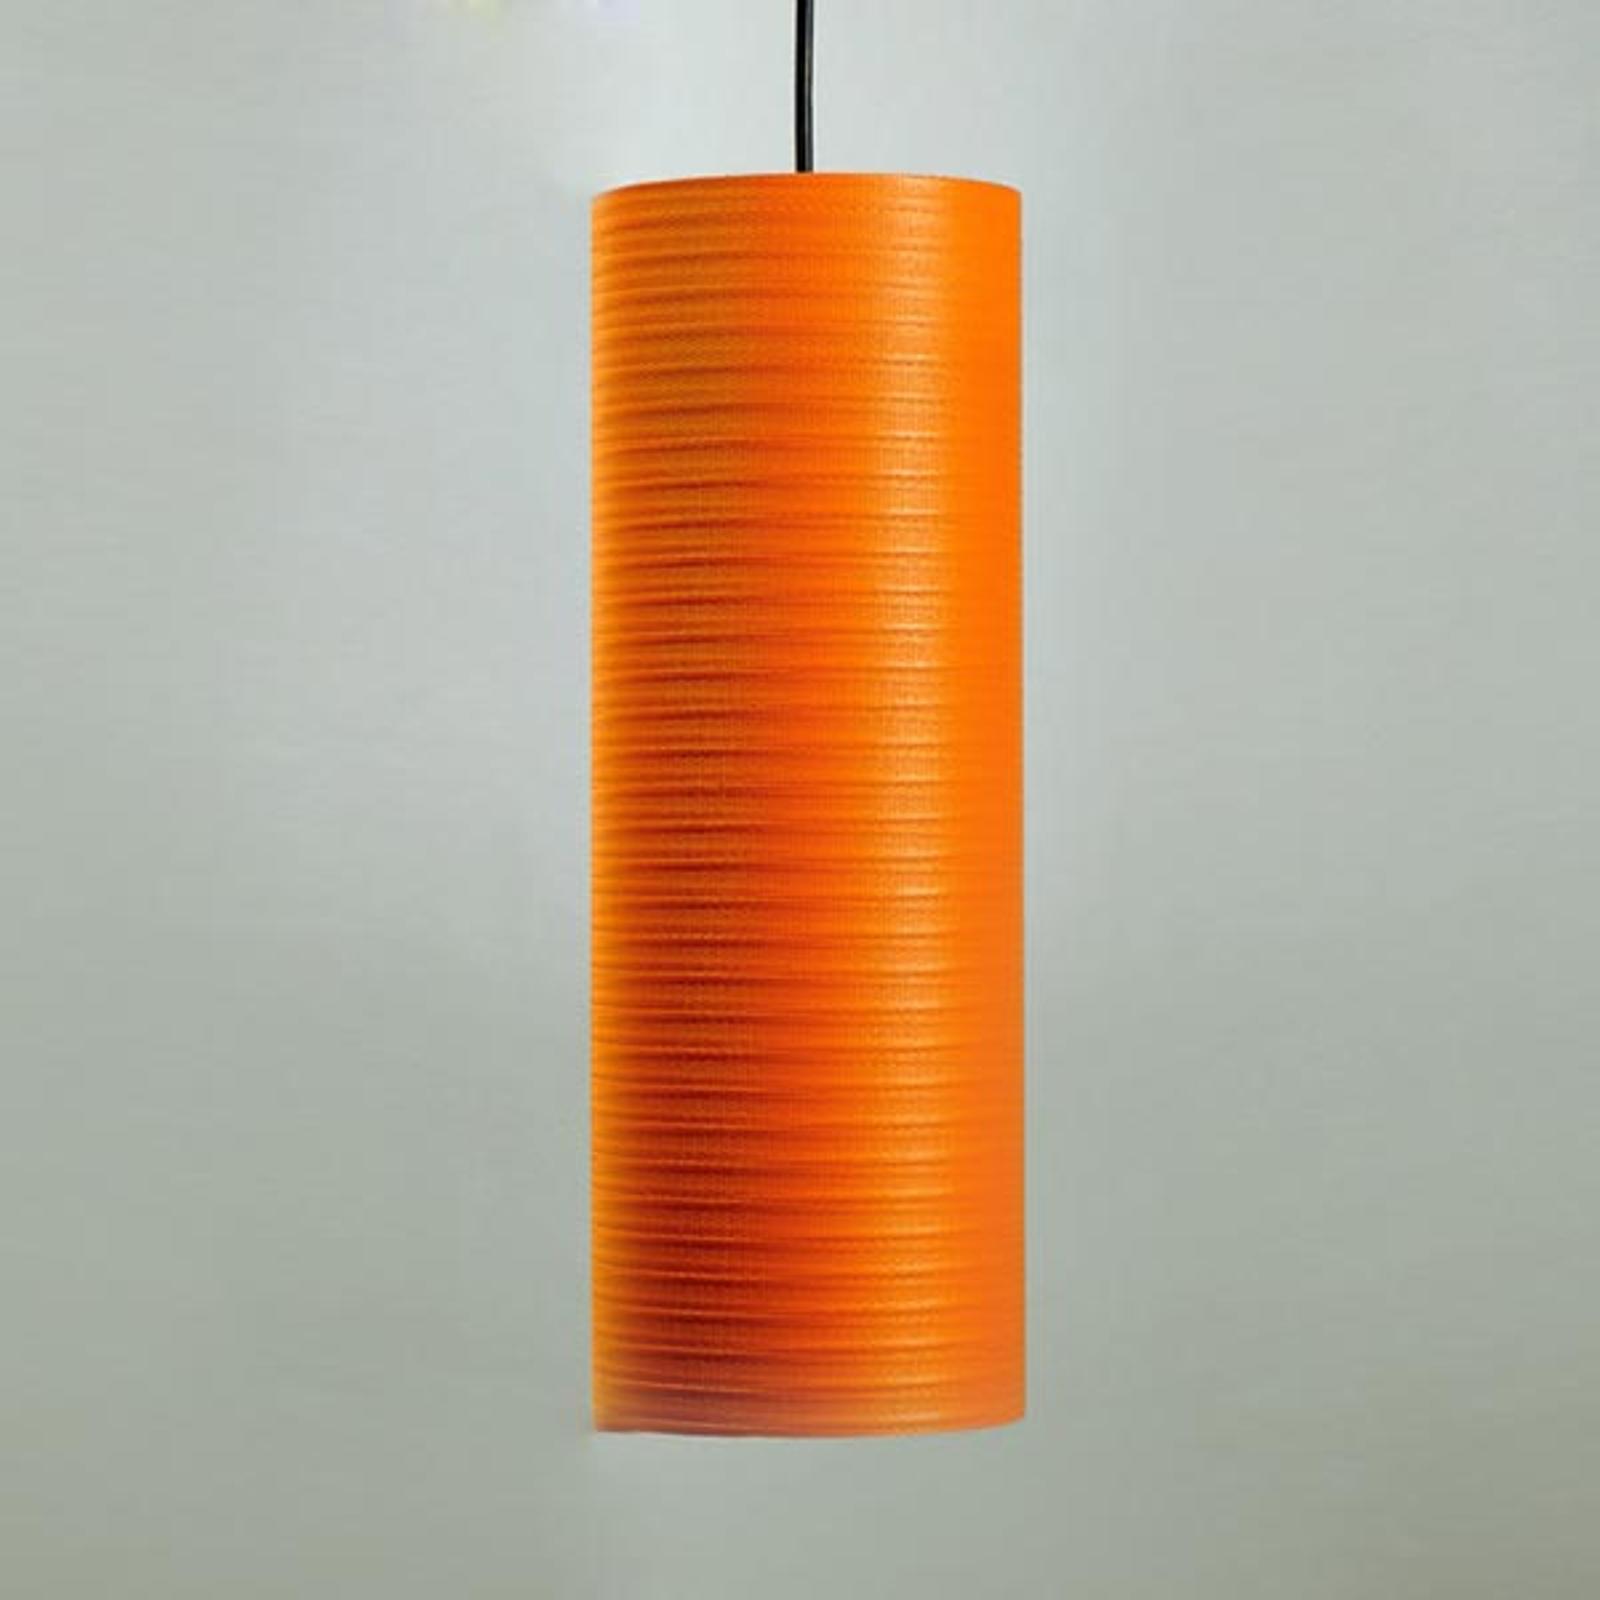 Tube-hanglamp, 30 cm, oranje